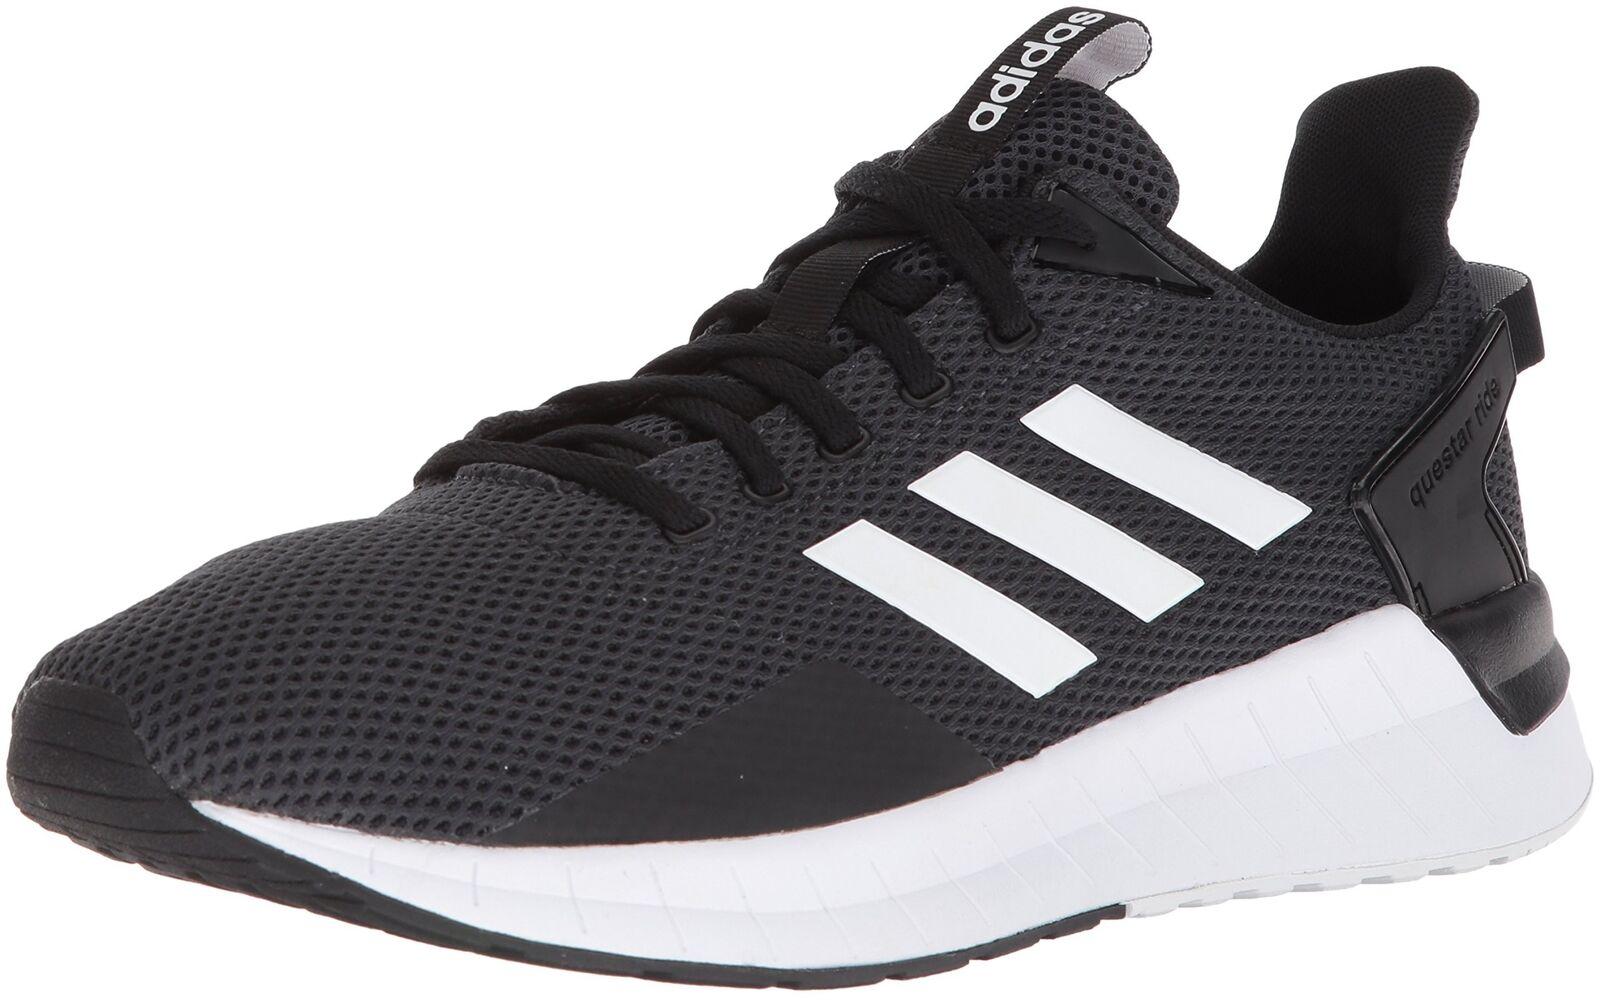 Adidas uomini questar passaggio scarpa da corsa nero / / nero bianco / carbonio ci 10 m 190775